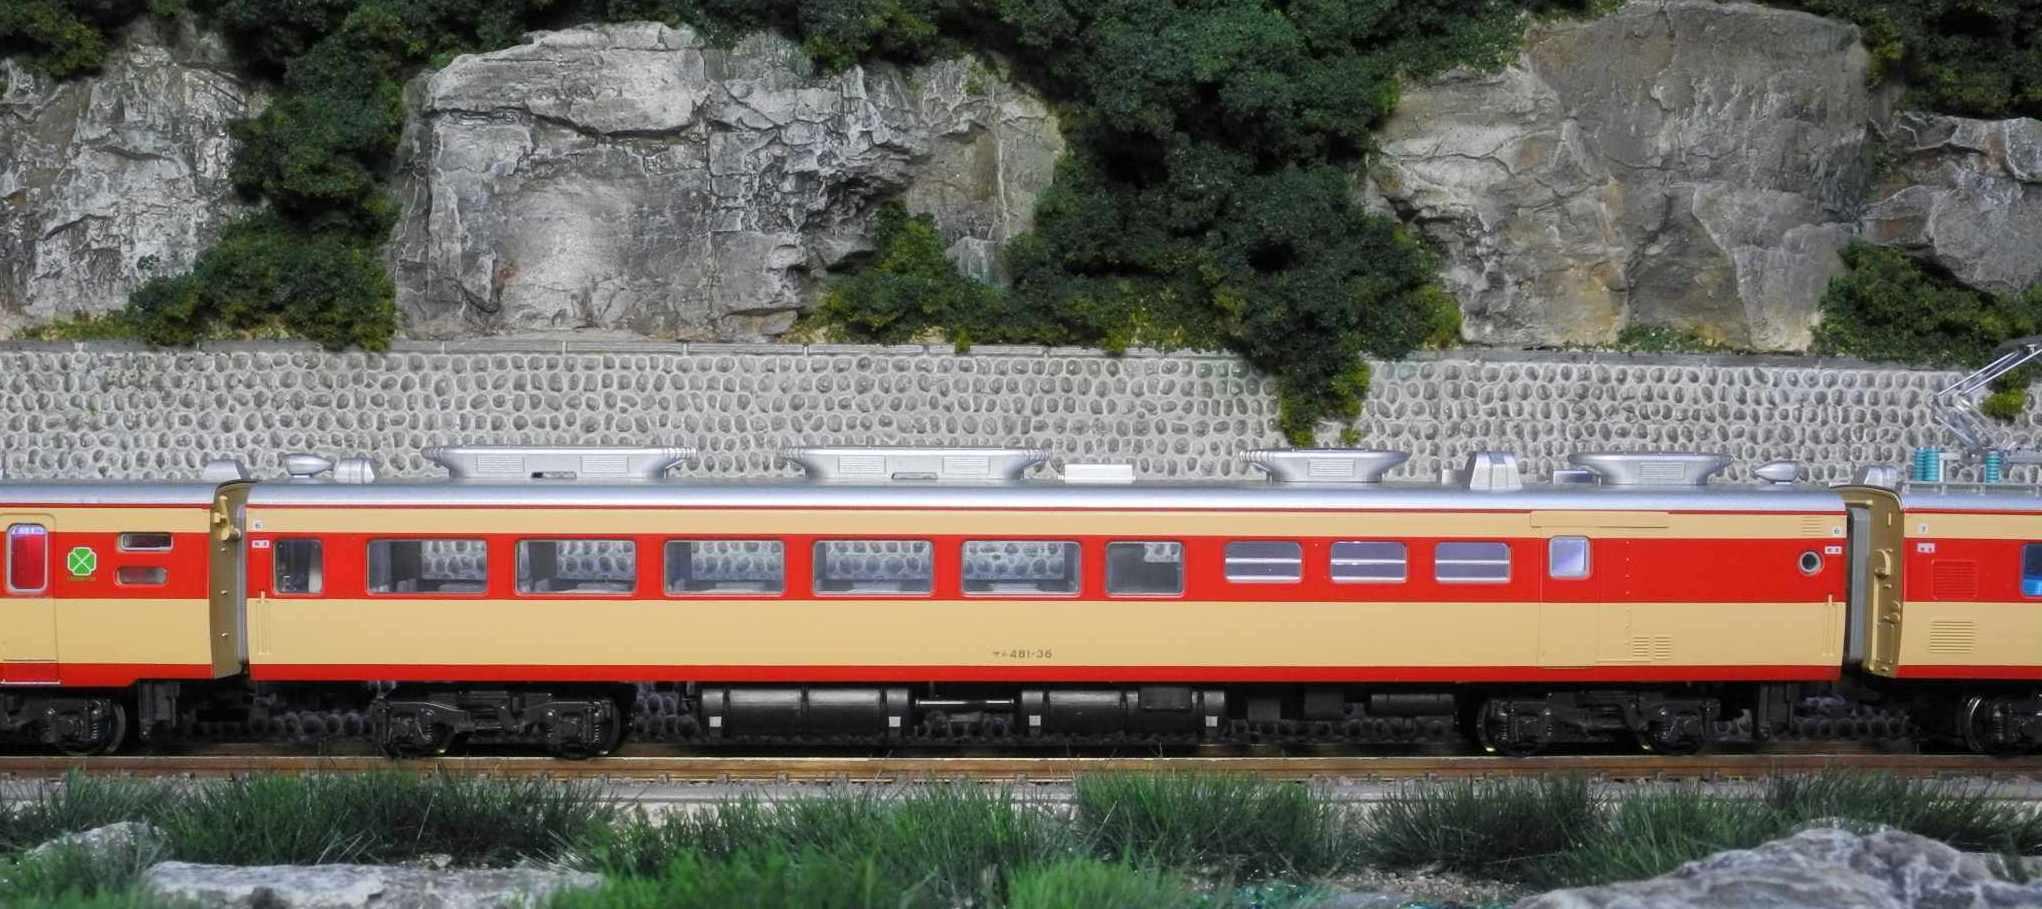 DSCN9916-1.jpg